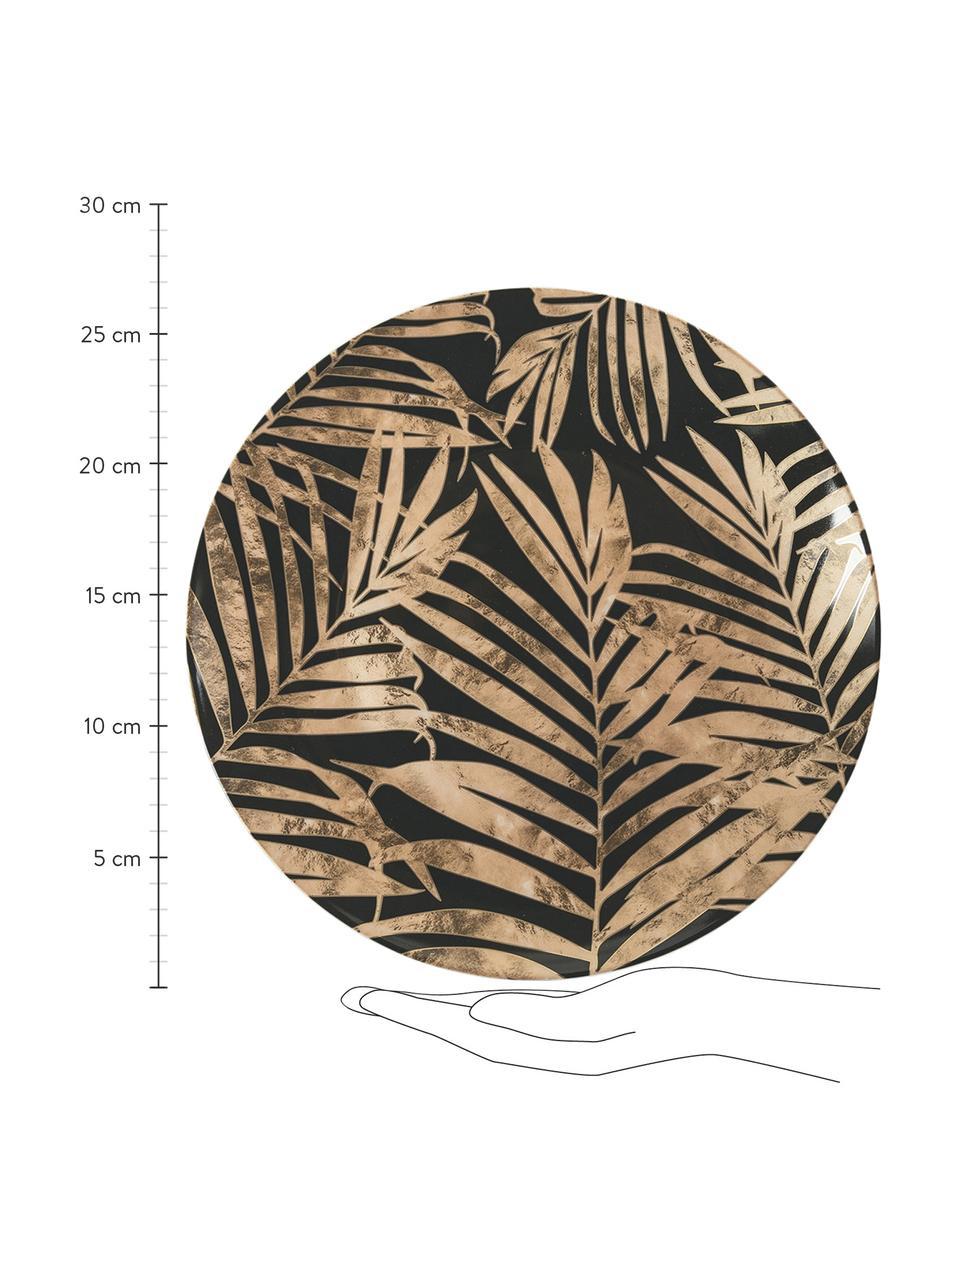 Komplet naczyń  Forest Chic, 18 elem., Wielobarwny, Komplet z różnymi rozmiarami